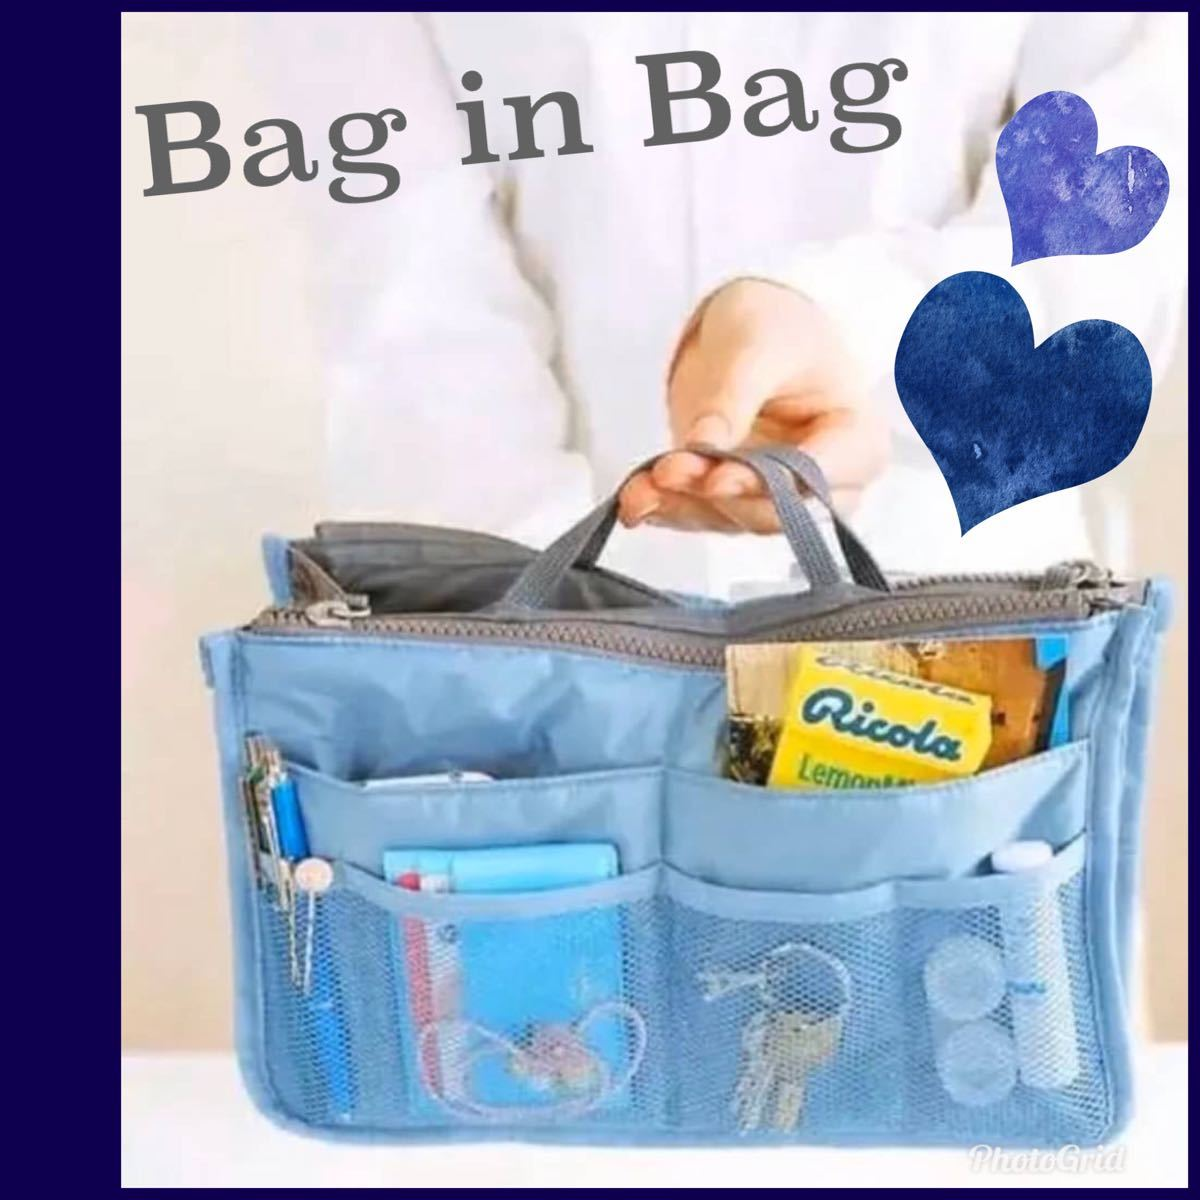 バッグインバッグ 小分け収納ポーチ 整理整頓 大人気アイテム 便利グッズ インナーバッグ リピート 様が多数いらっしゃいます